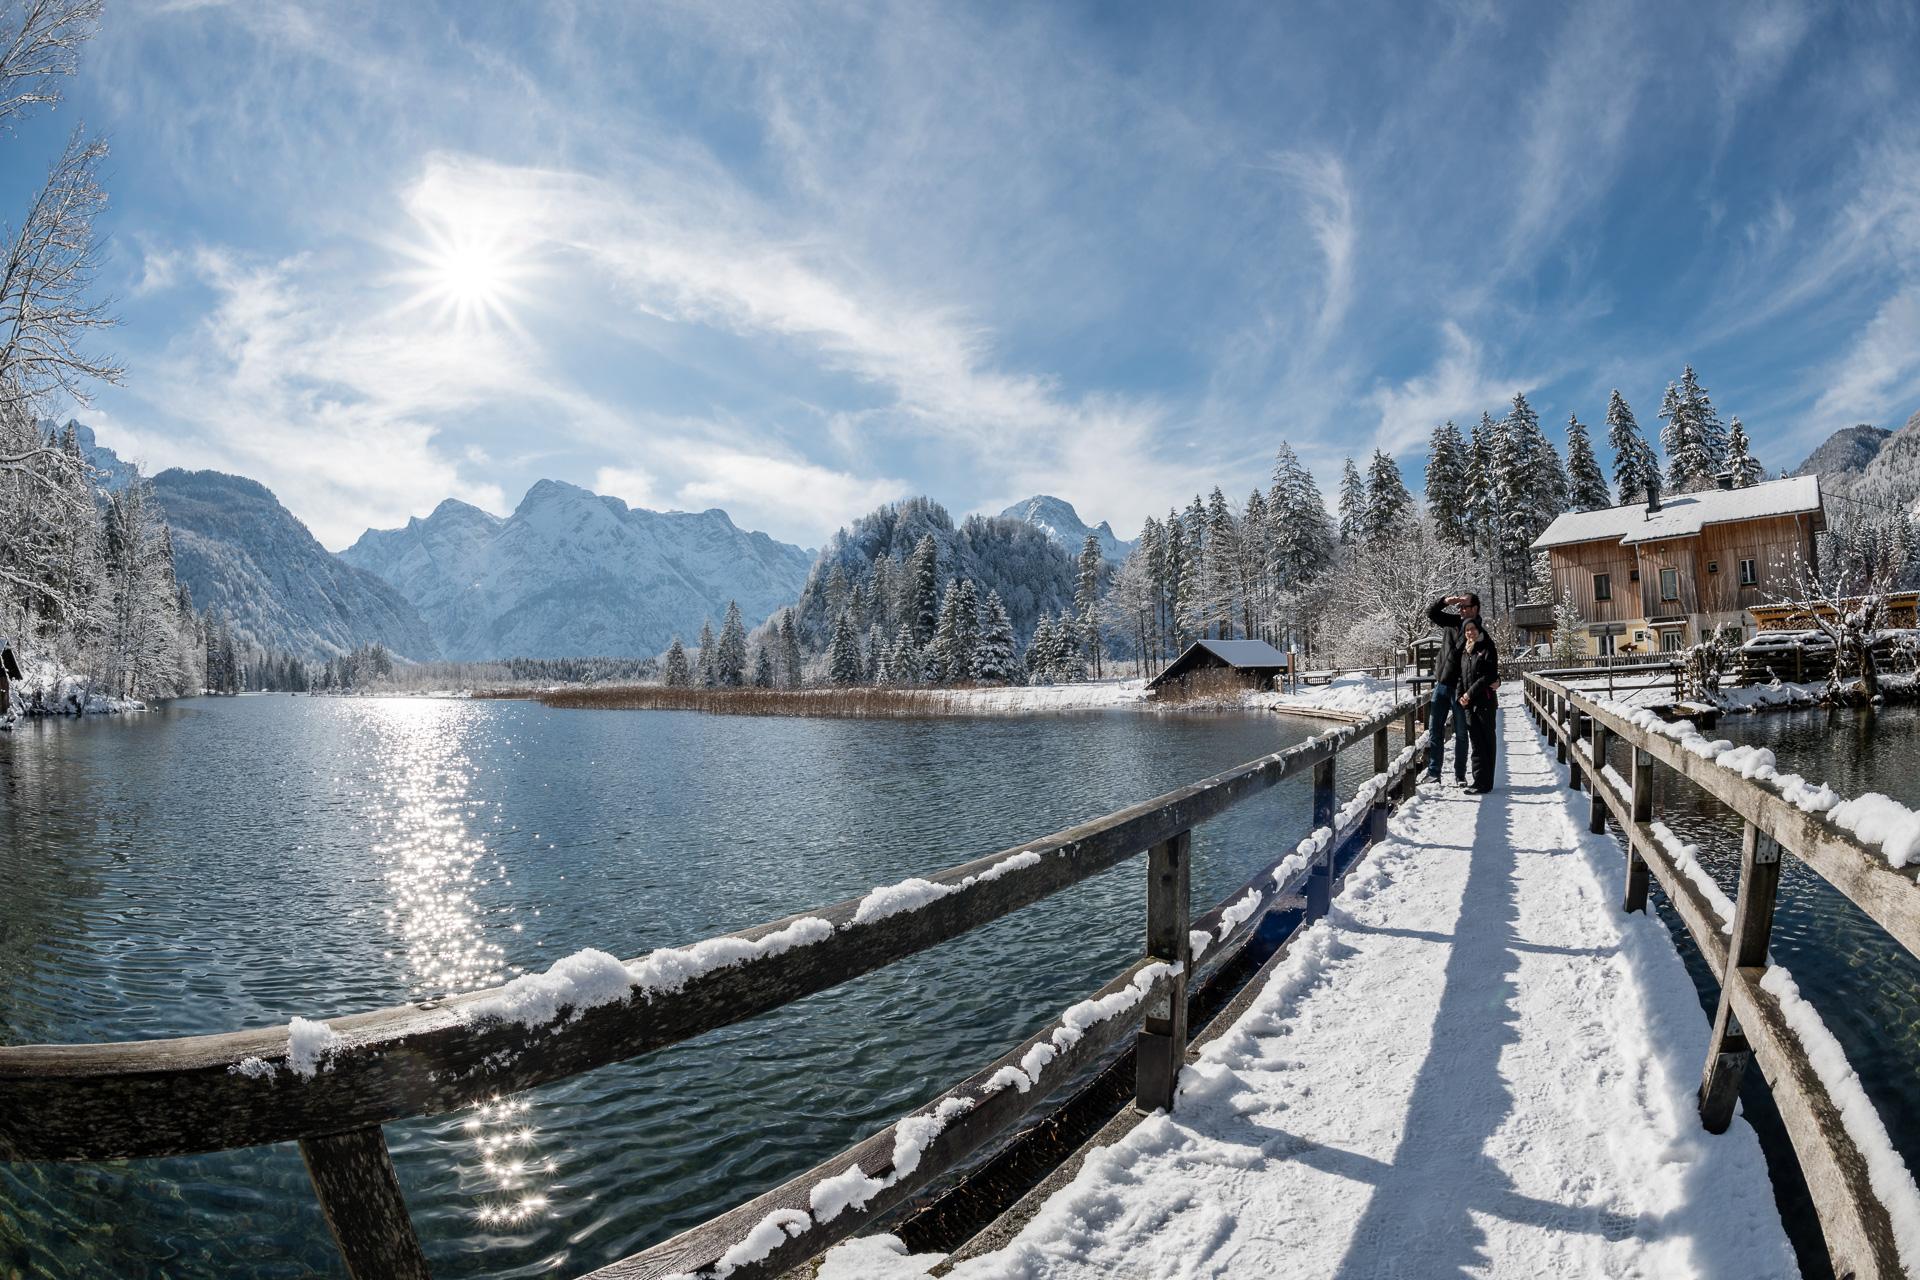 Ice-Wedding.at - Dein Portal für Winterhochzeiten